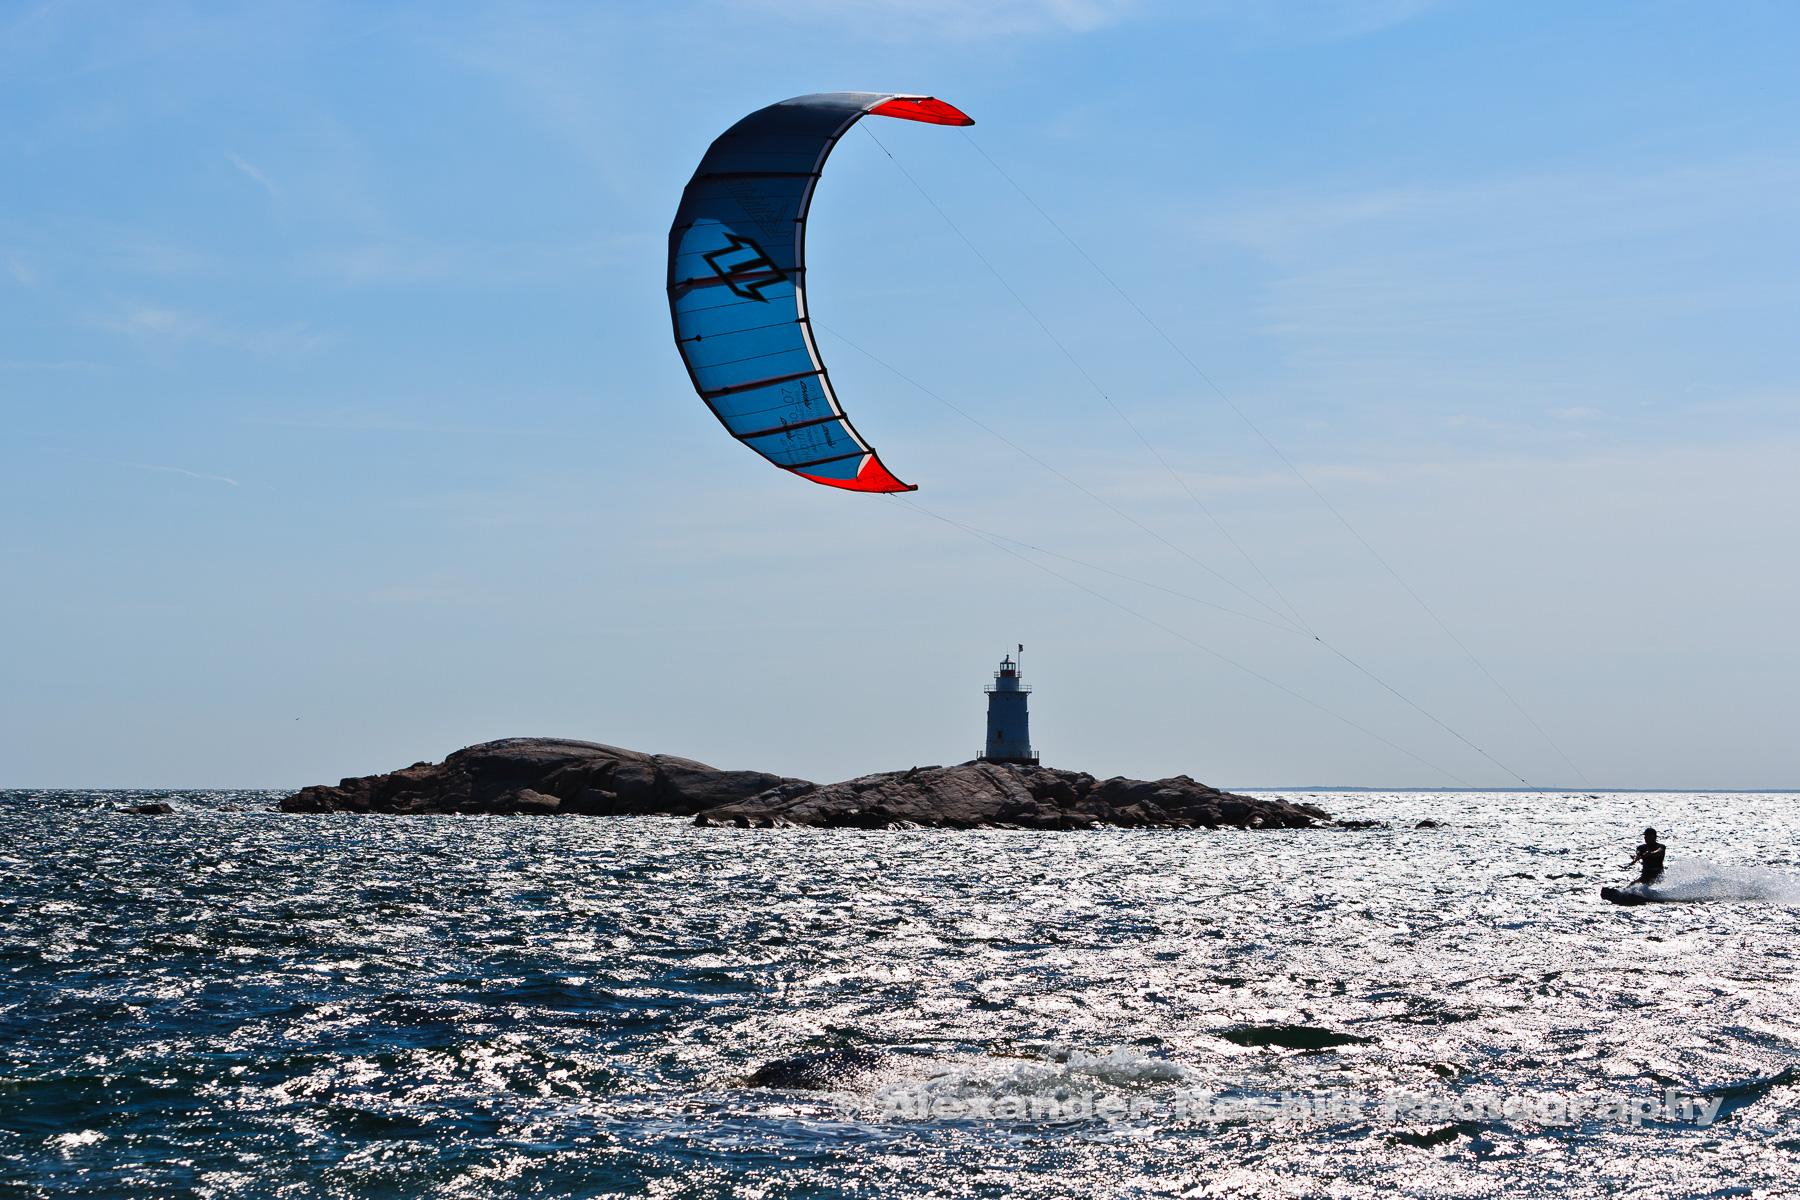 Kiteboarding past the Sakonet point light house,